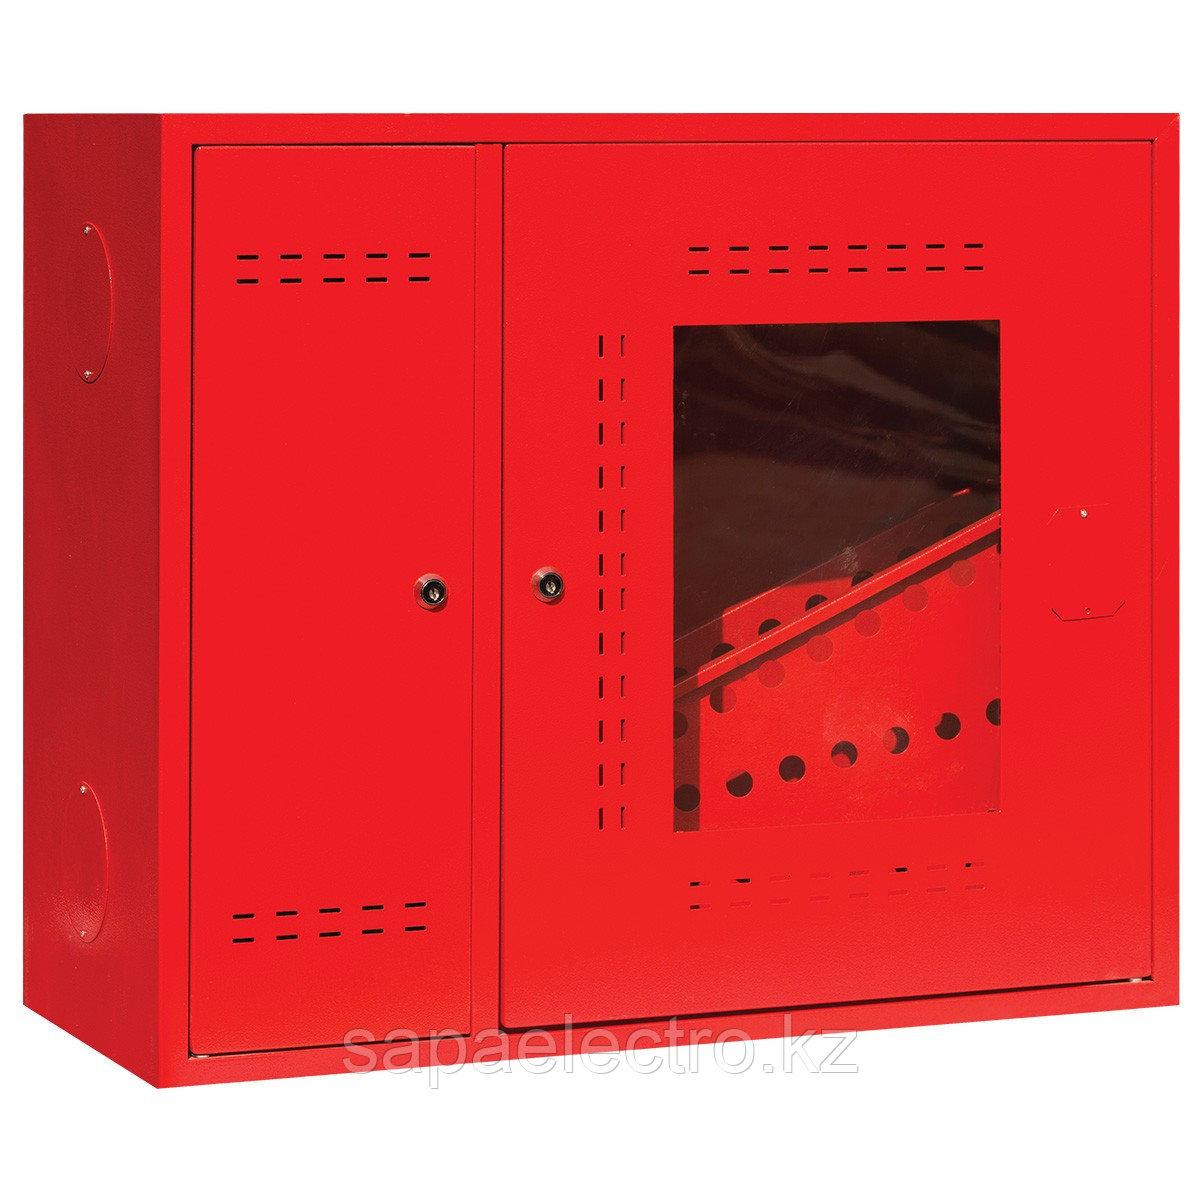 Метал. Щит Пожарный Красный (760x650x330) S/U MGL(T